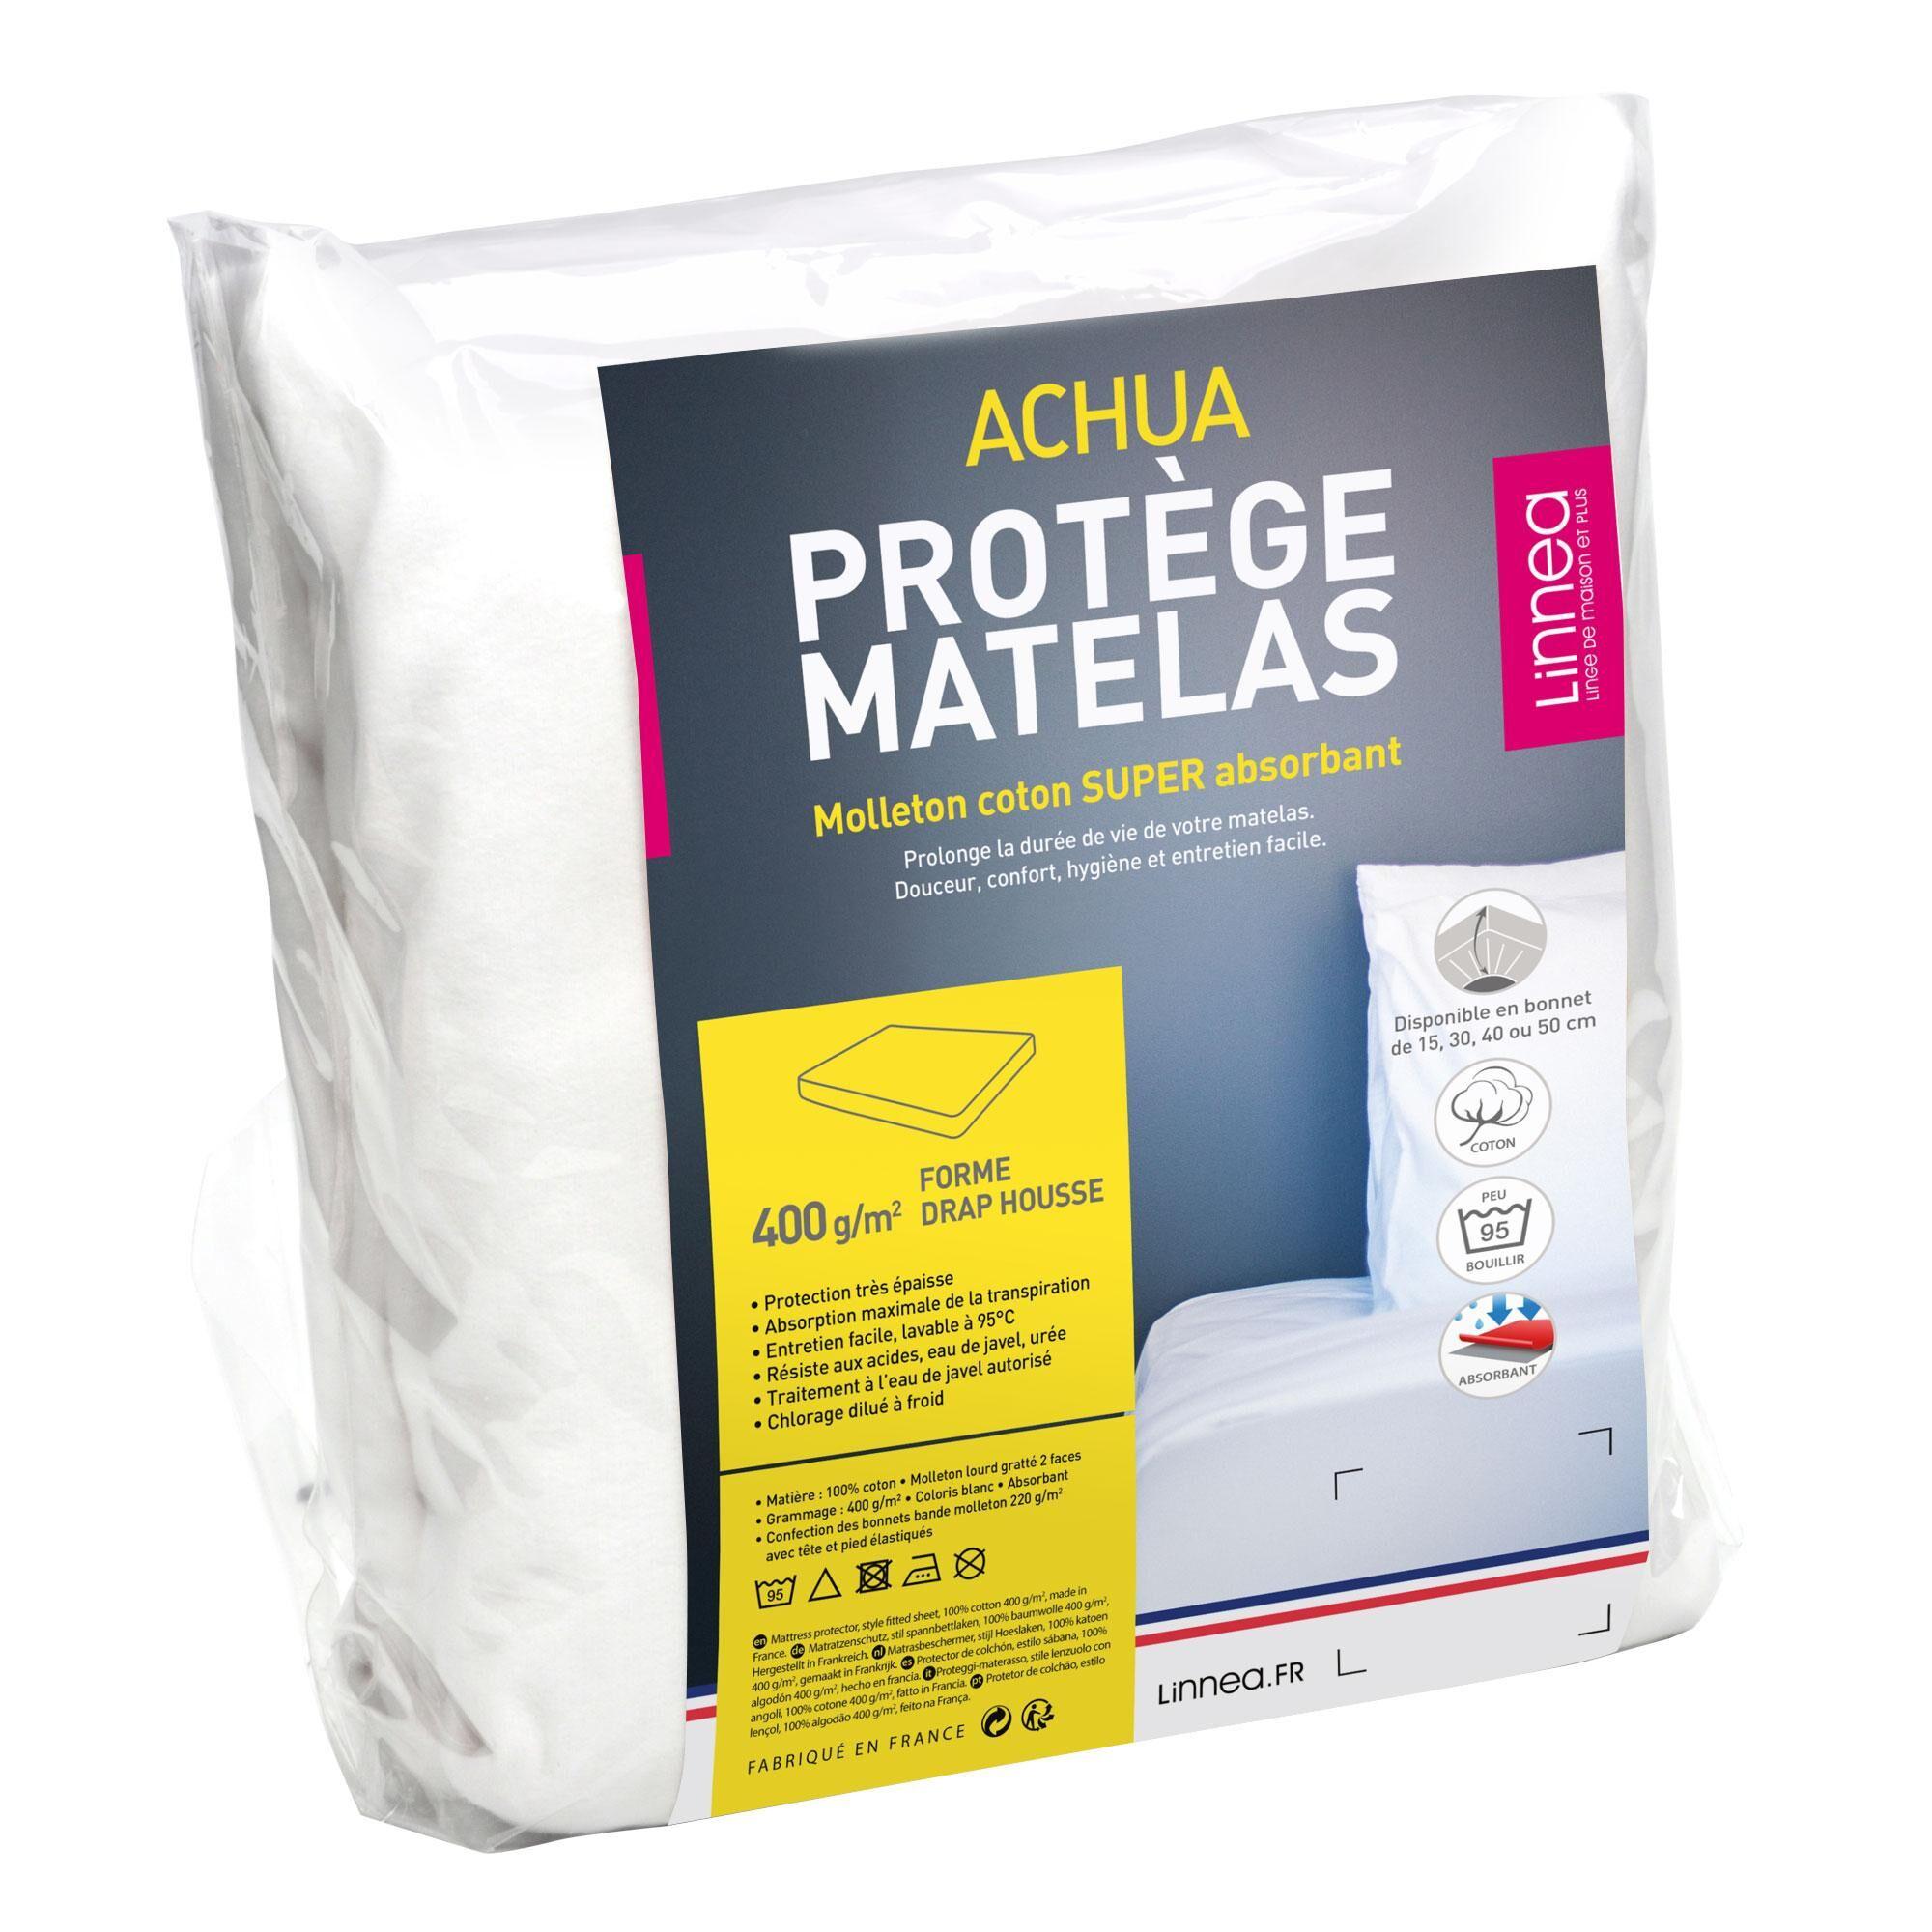 Linnea Protège matelas 140x190 cm ACHUA Molleton 100% coton 400 g/m2 bonnet 50cm